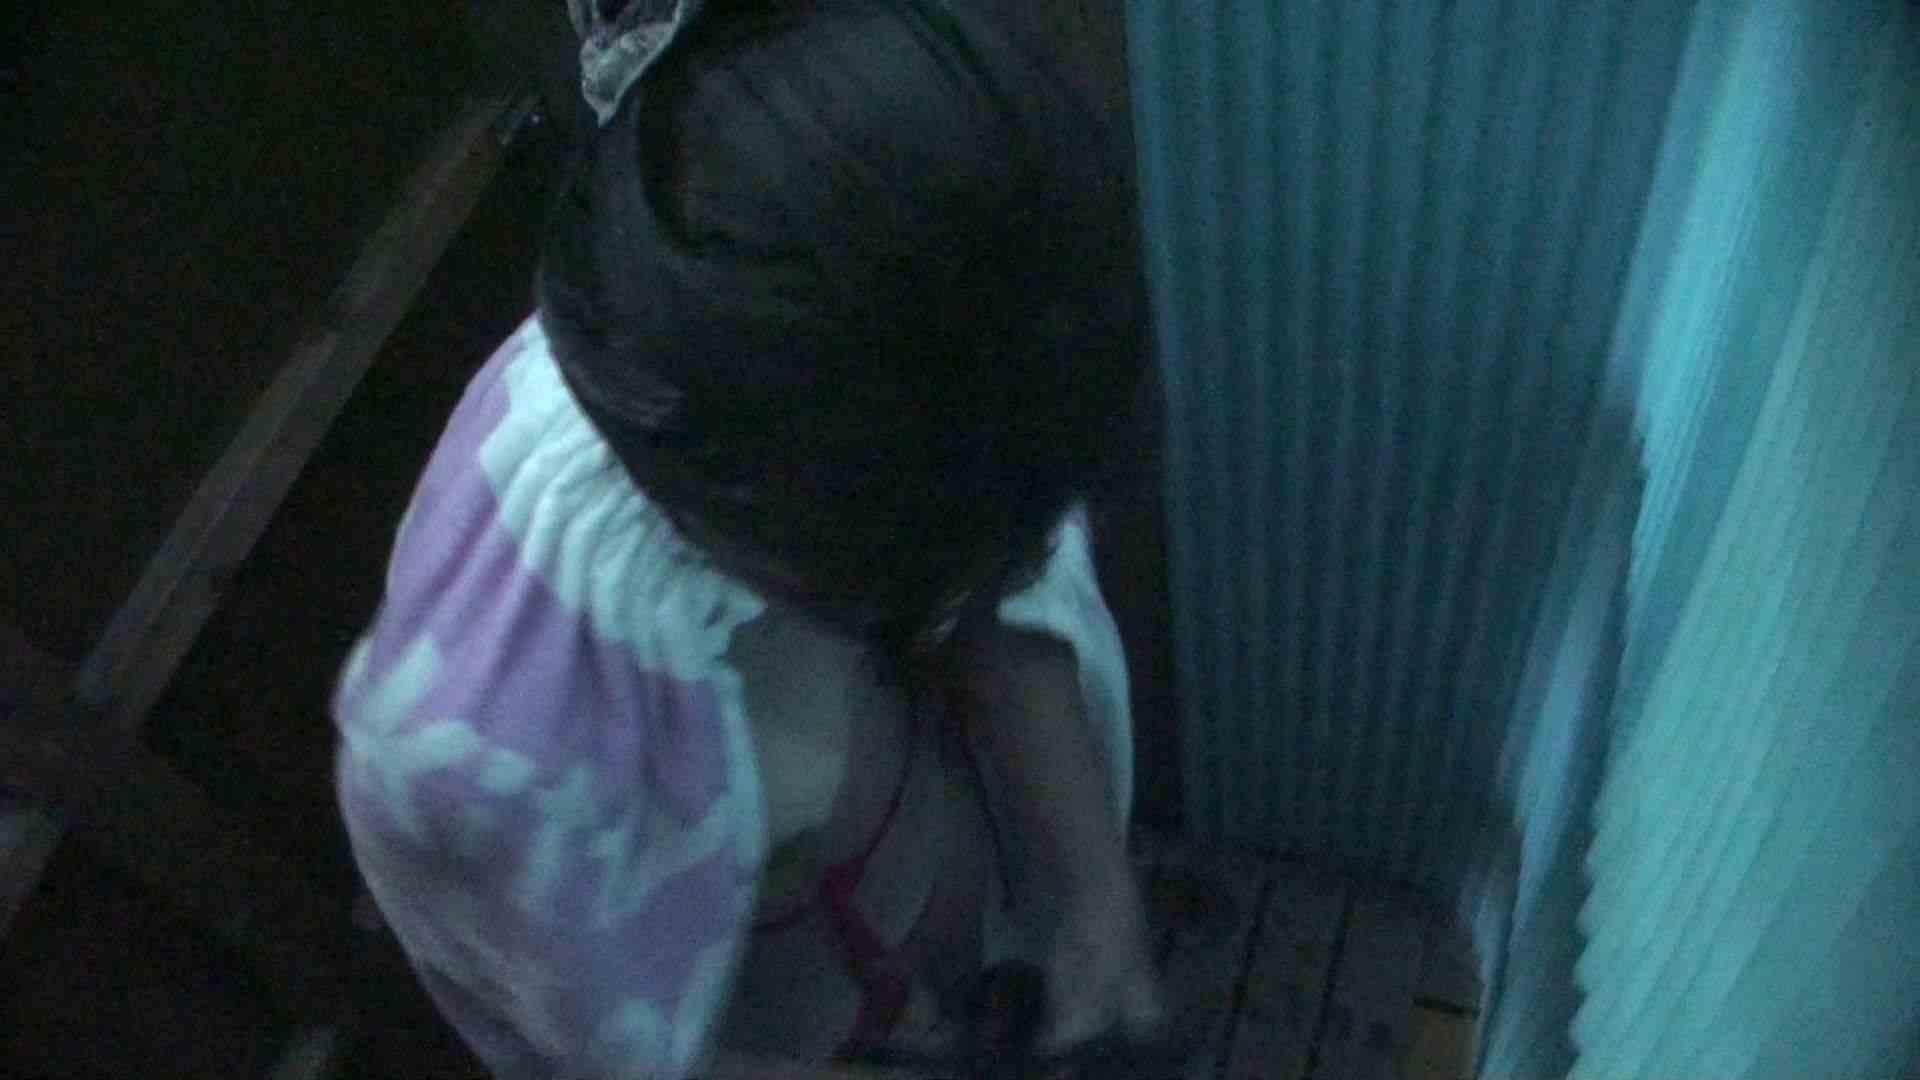 シャワールームは超!!危険な香りVol.26 大学生風美形ギャル 暗さが残念! 高画質 盗み撮りオマンコ動画キャプチャ 86pic 47